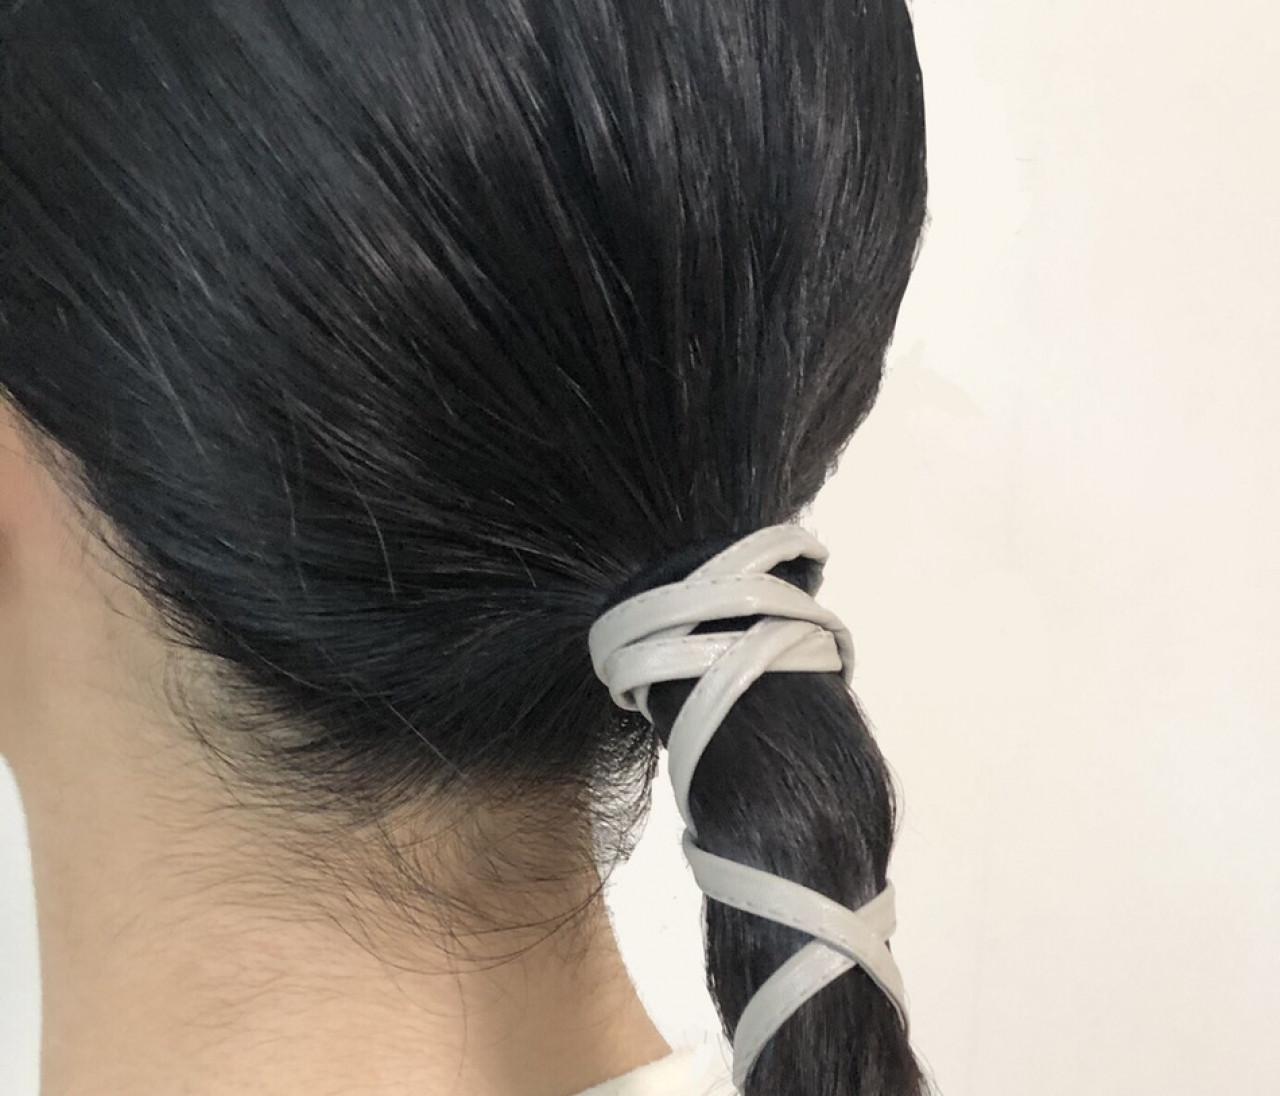 【セリア】梅雨の季節に!ひとつ結びが華やぐヘアアクセサリー3選